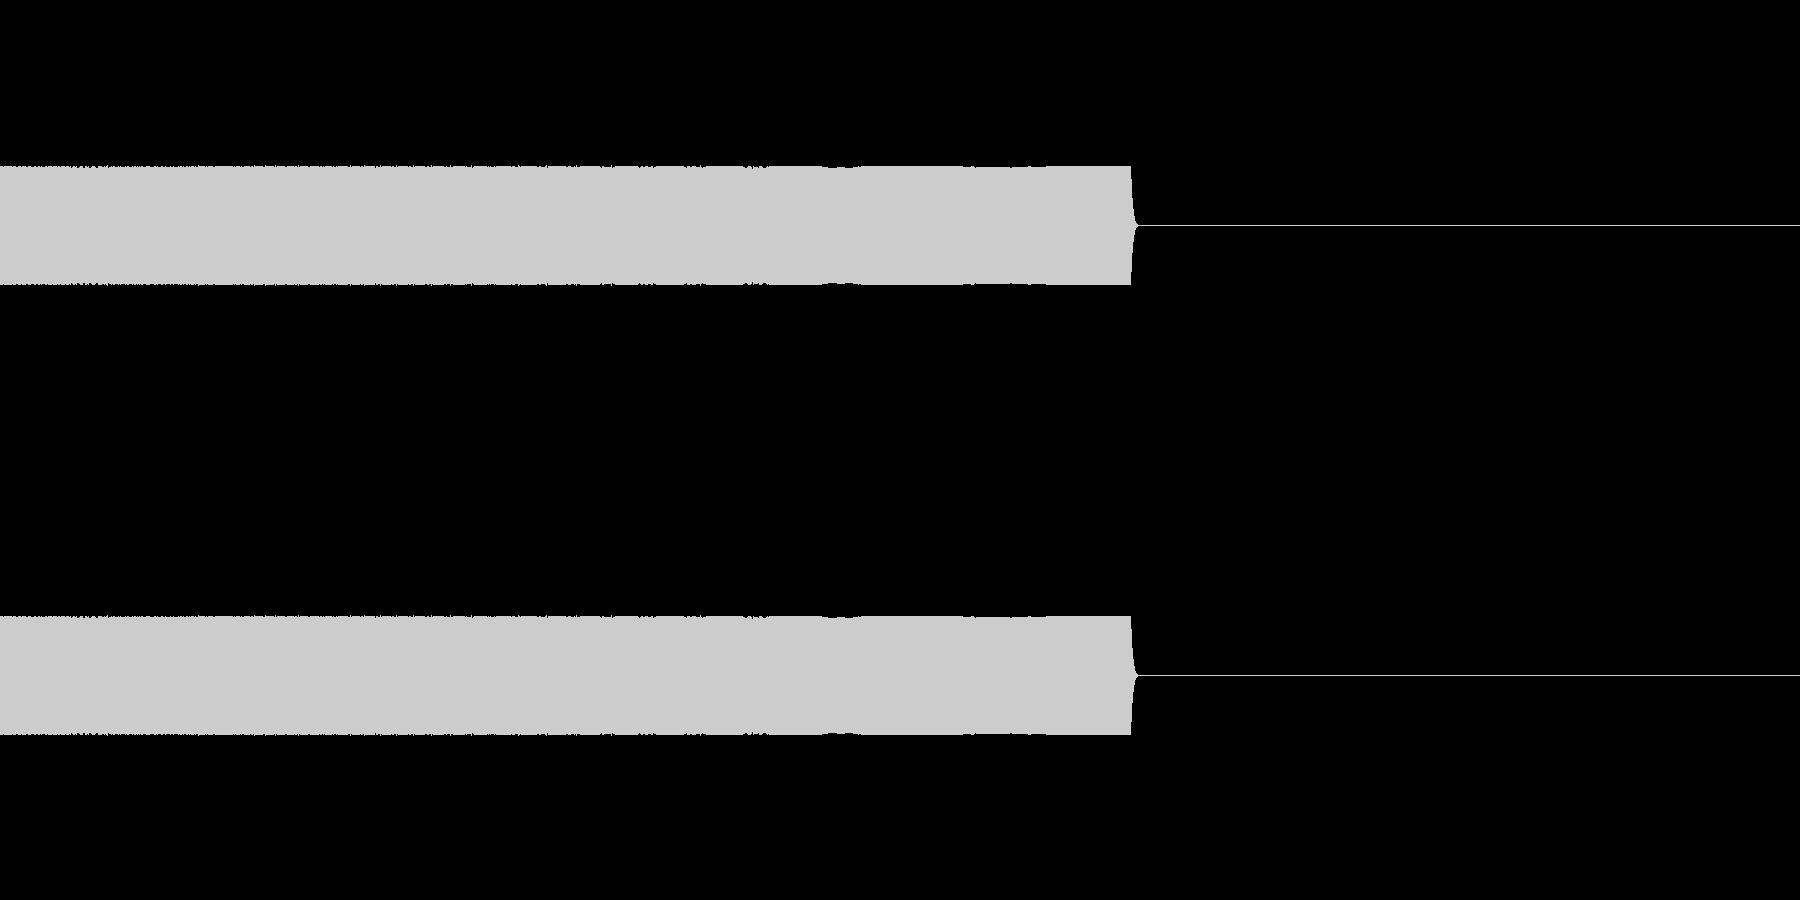 電子的な下降音の未再生の波形